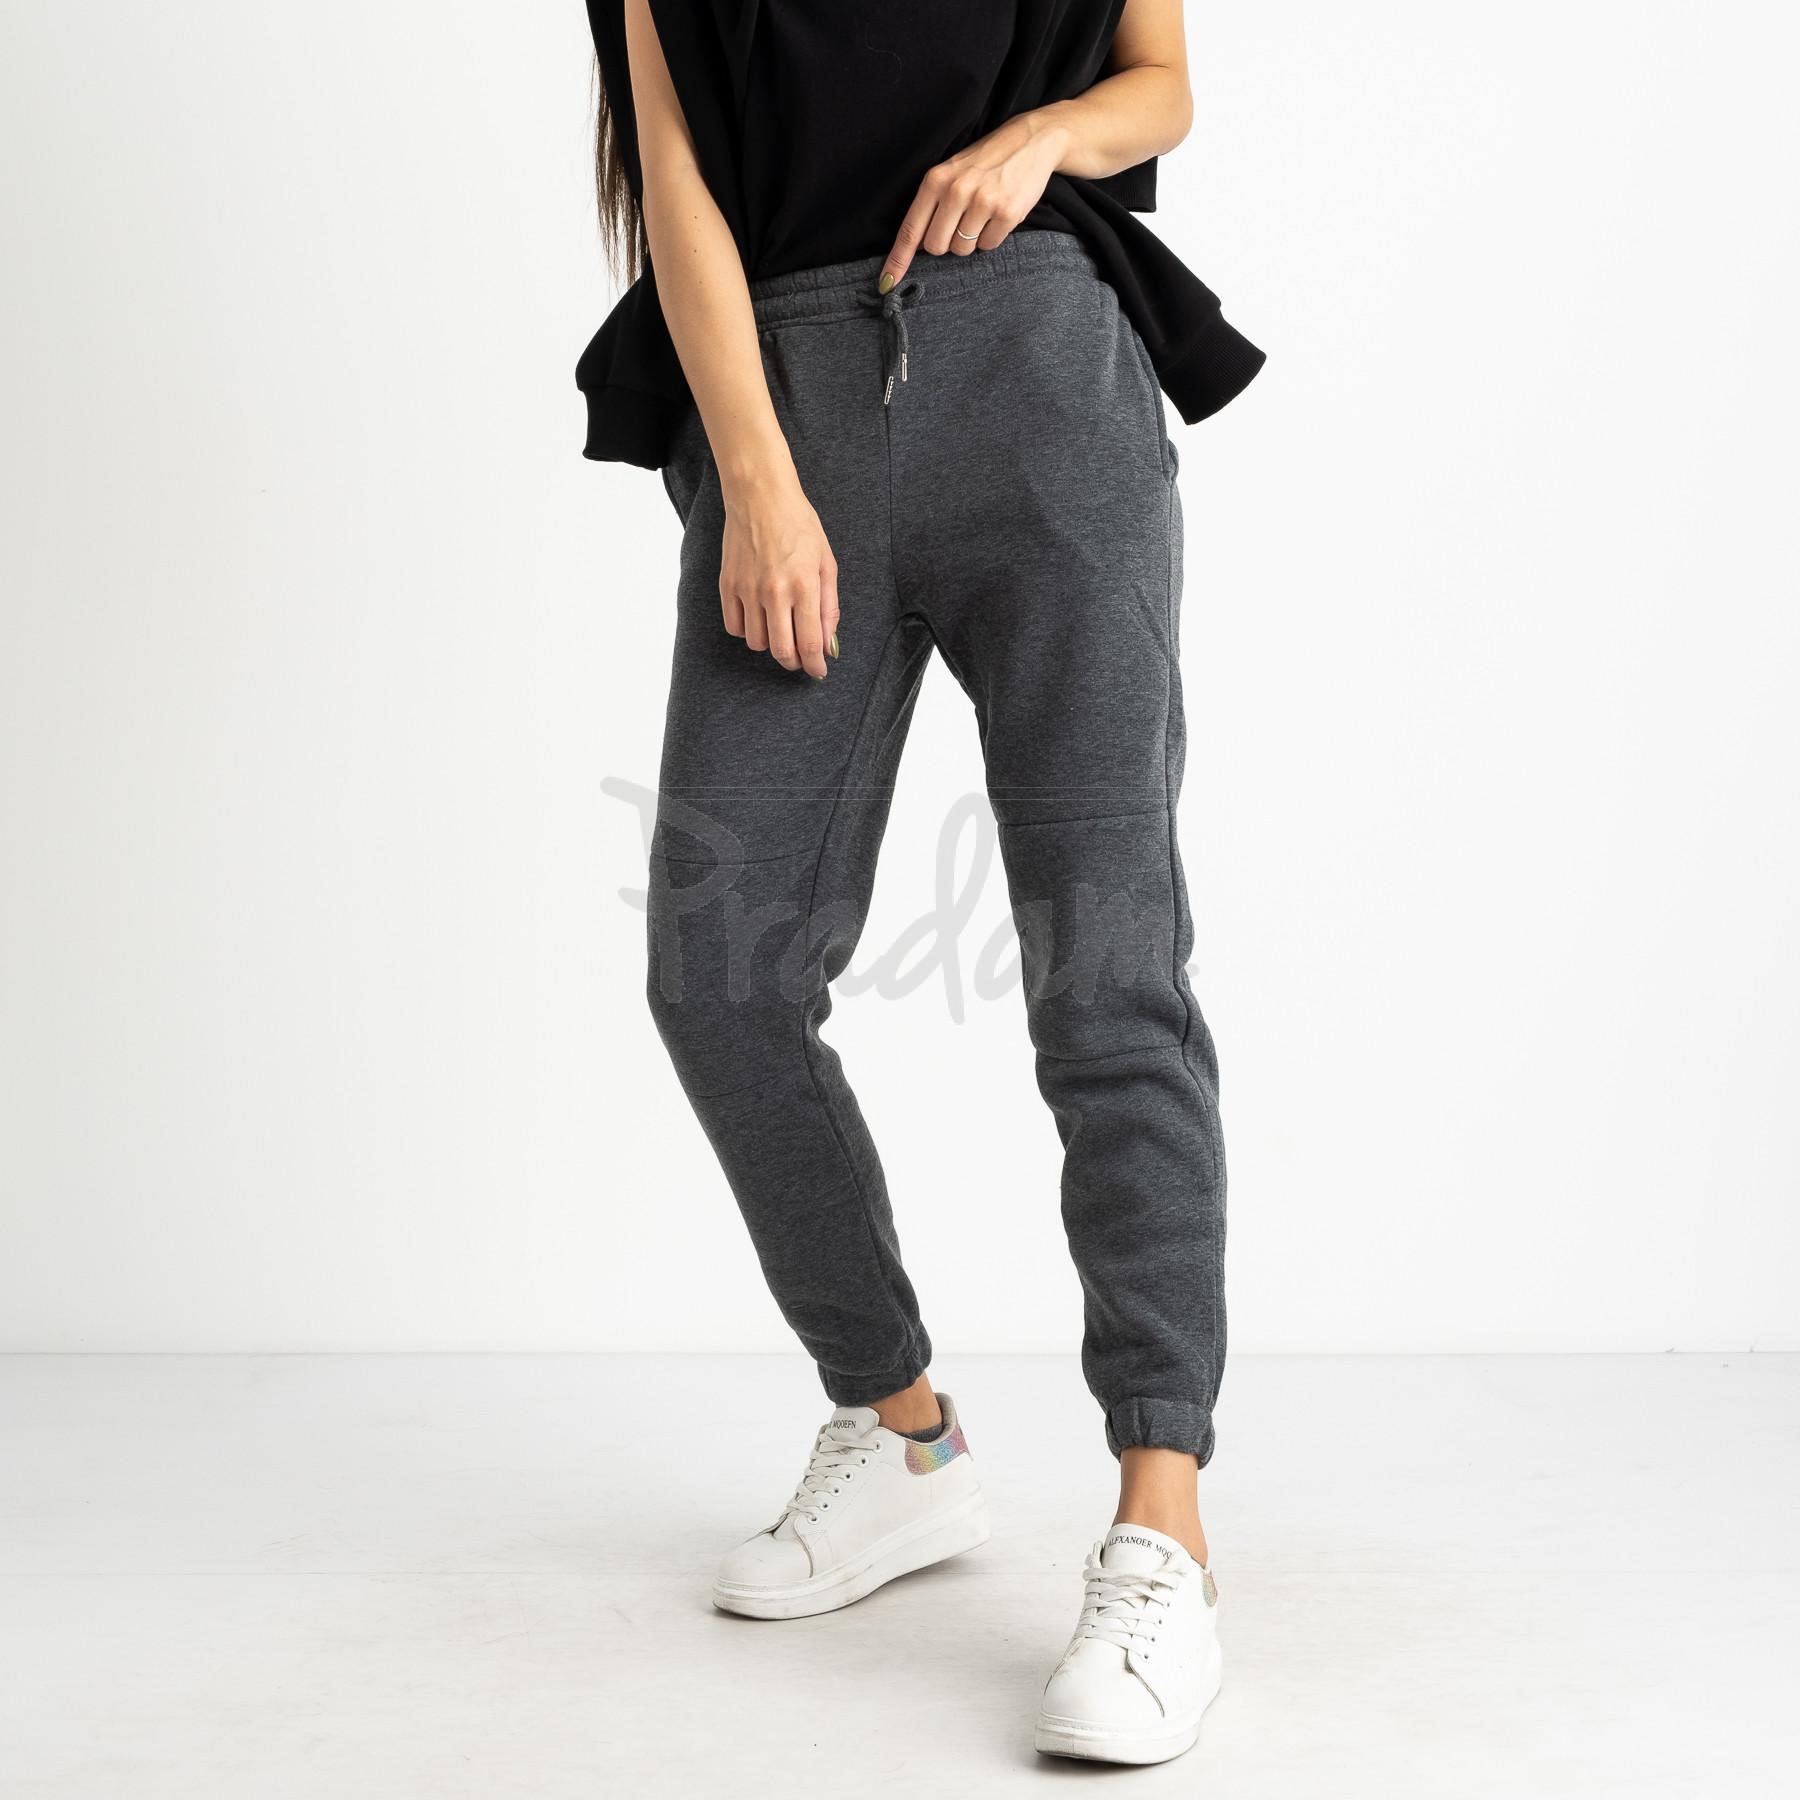 0012-5 темно-серые спортивные штаны женские на флисе (6 ед.размеры: S.M.L.XL.XXL.3XL)